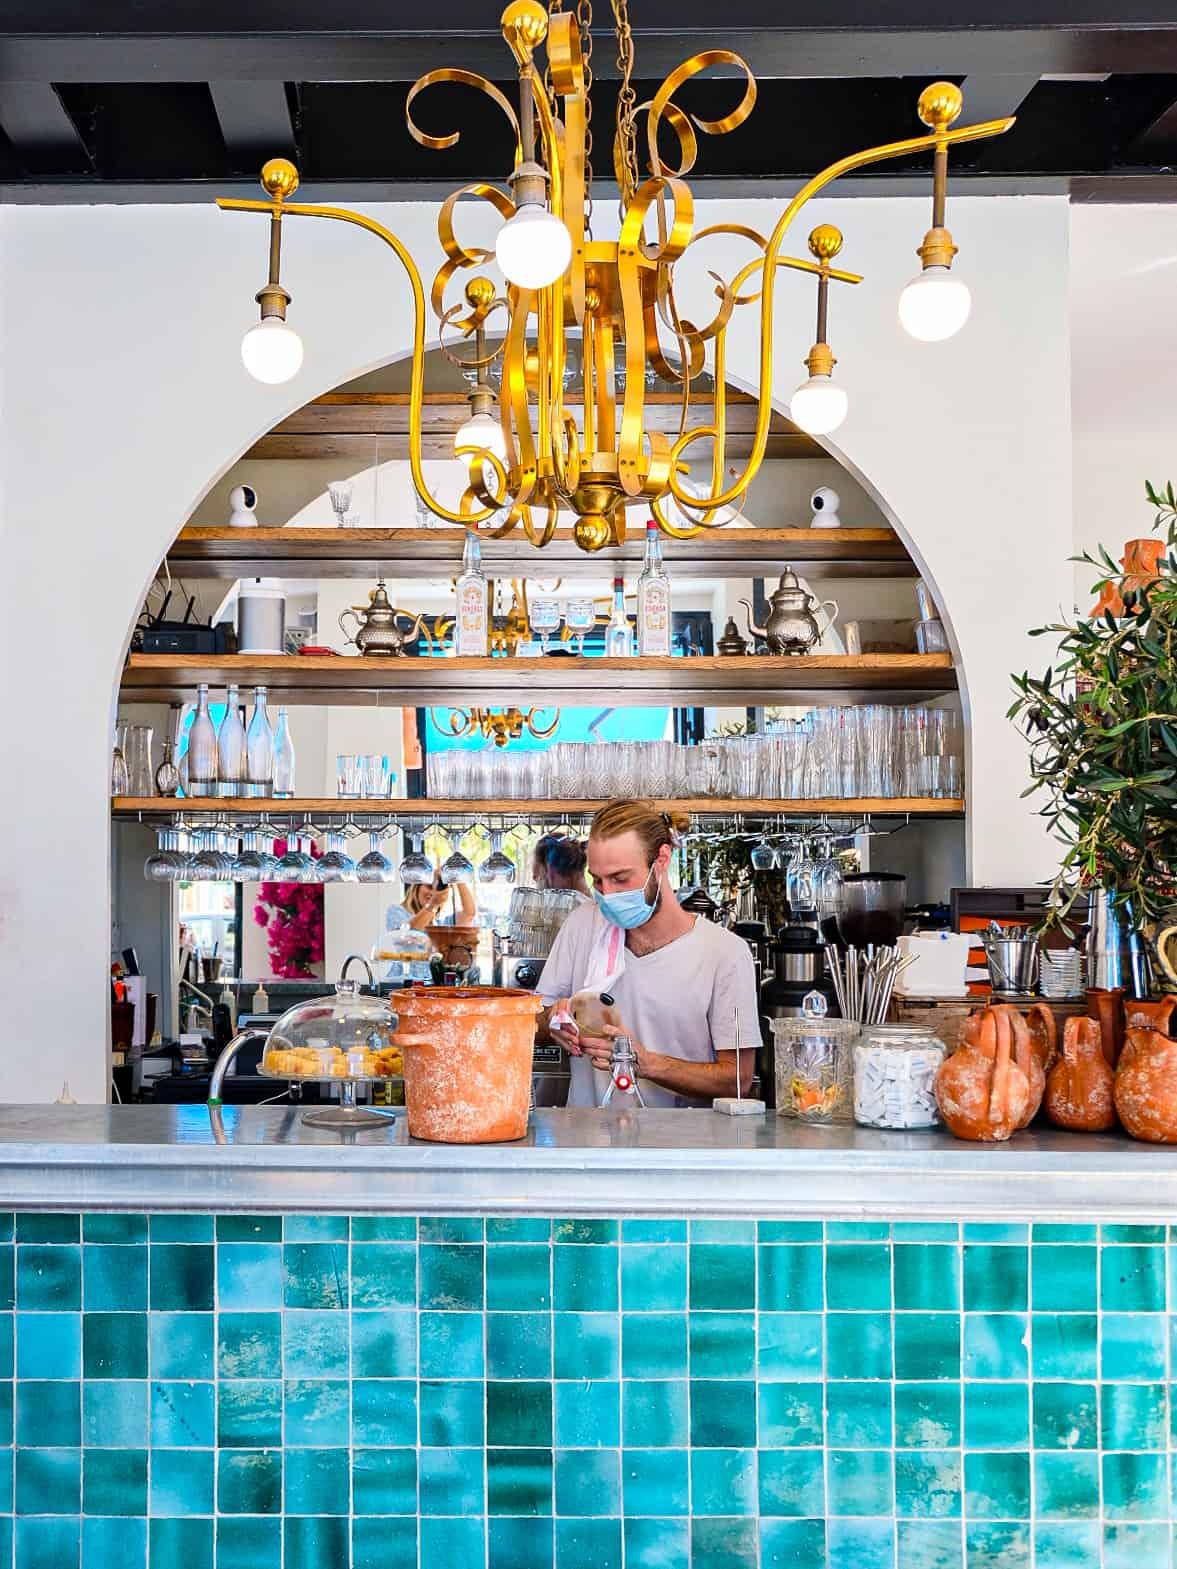 mabrouk-restaurant-tunisien-paris-3eme